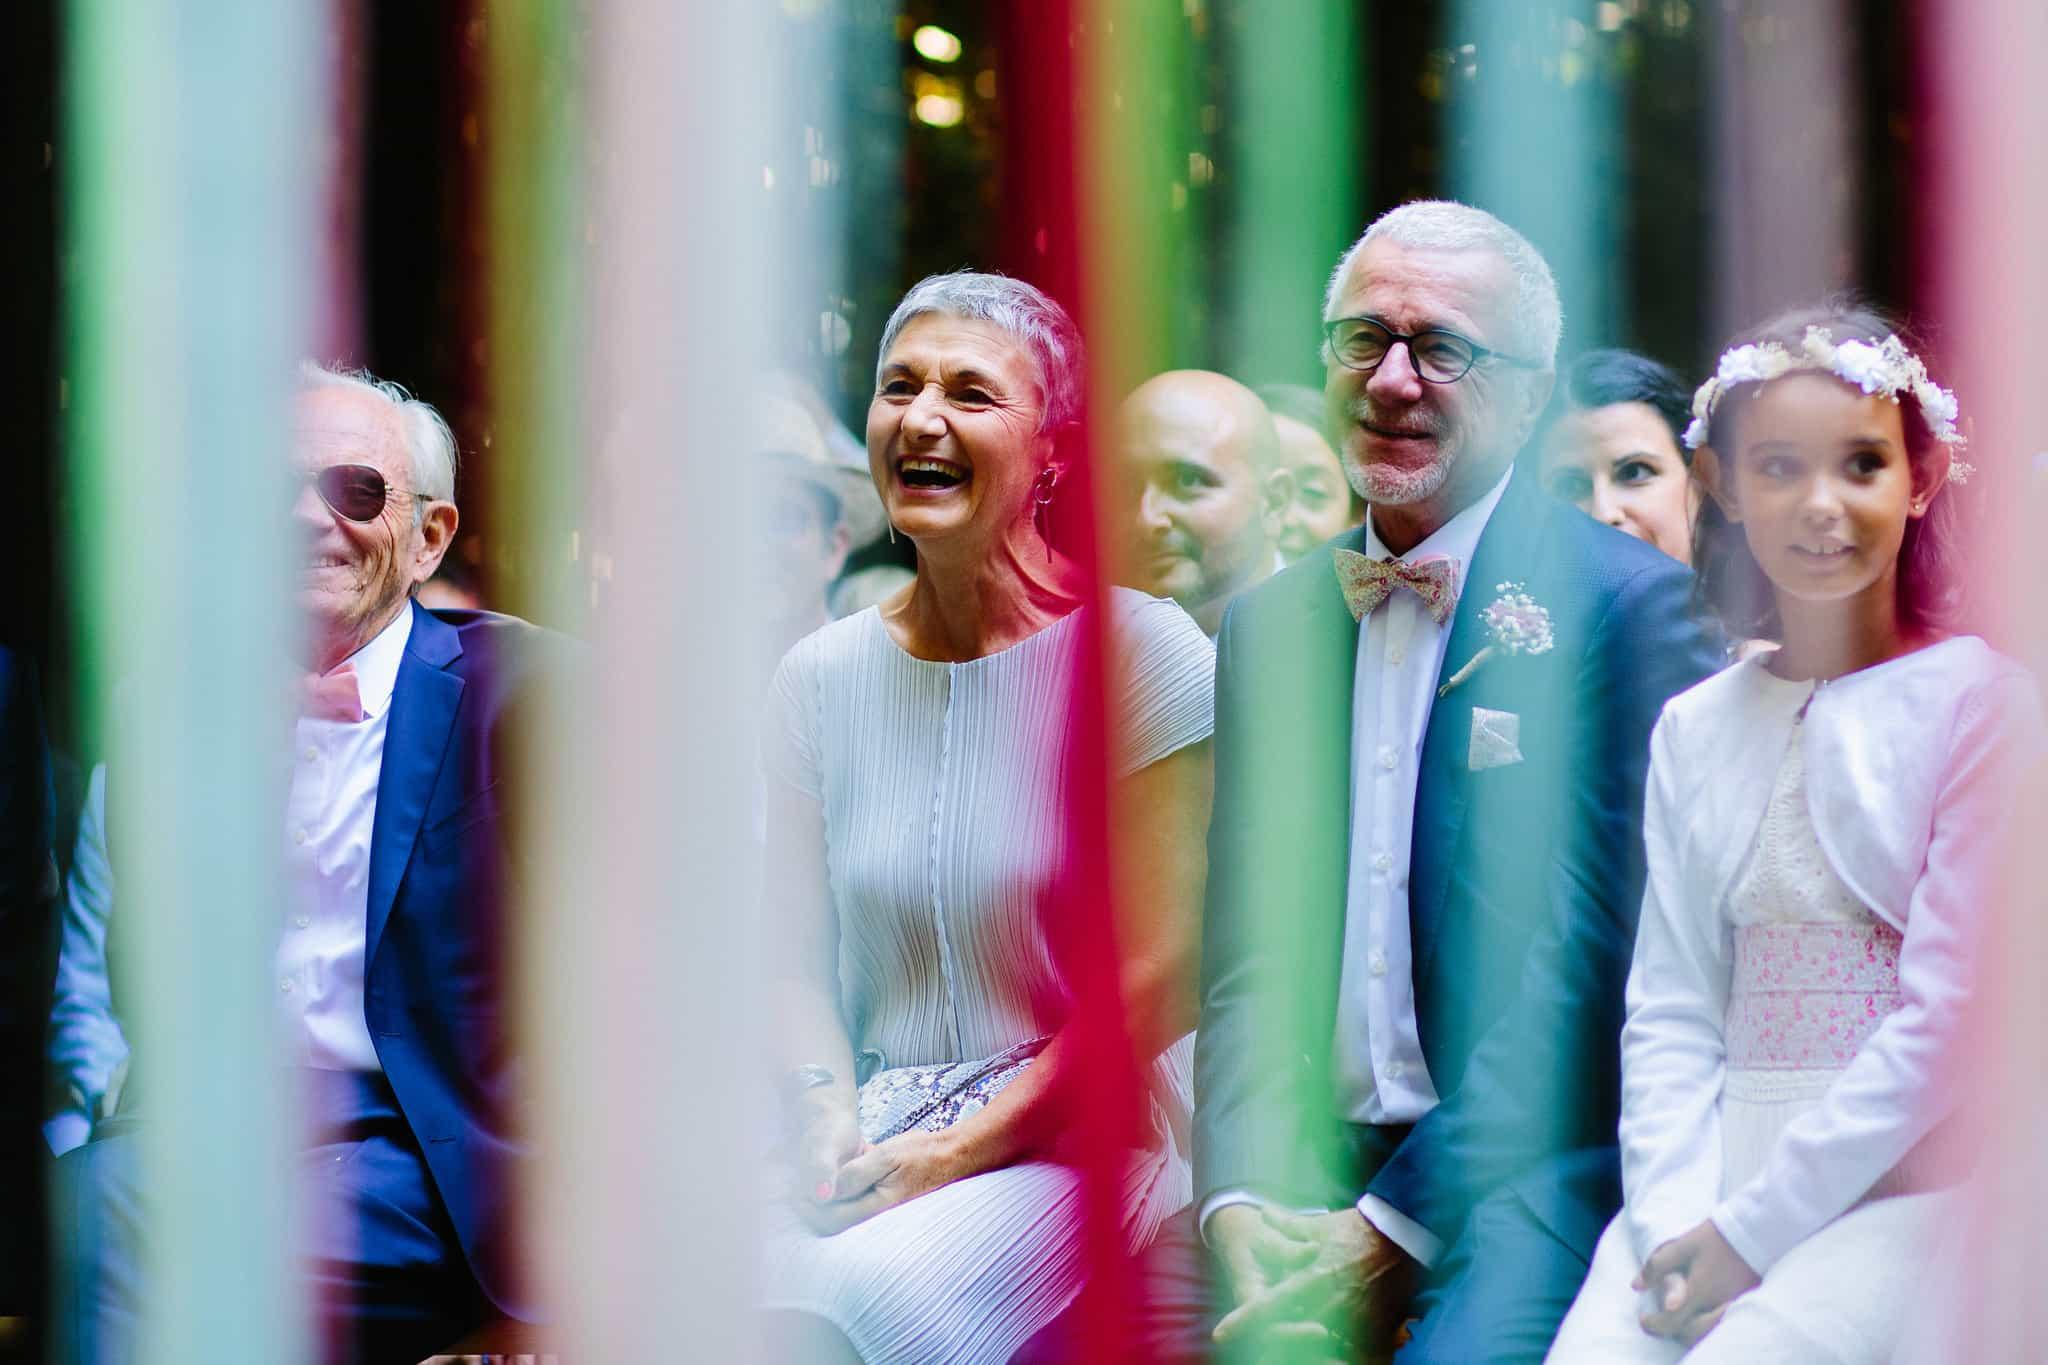 Cigales et Petits Fours - Organisation de mariages PACA